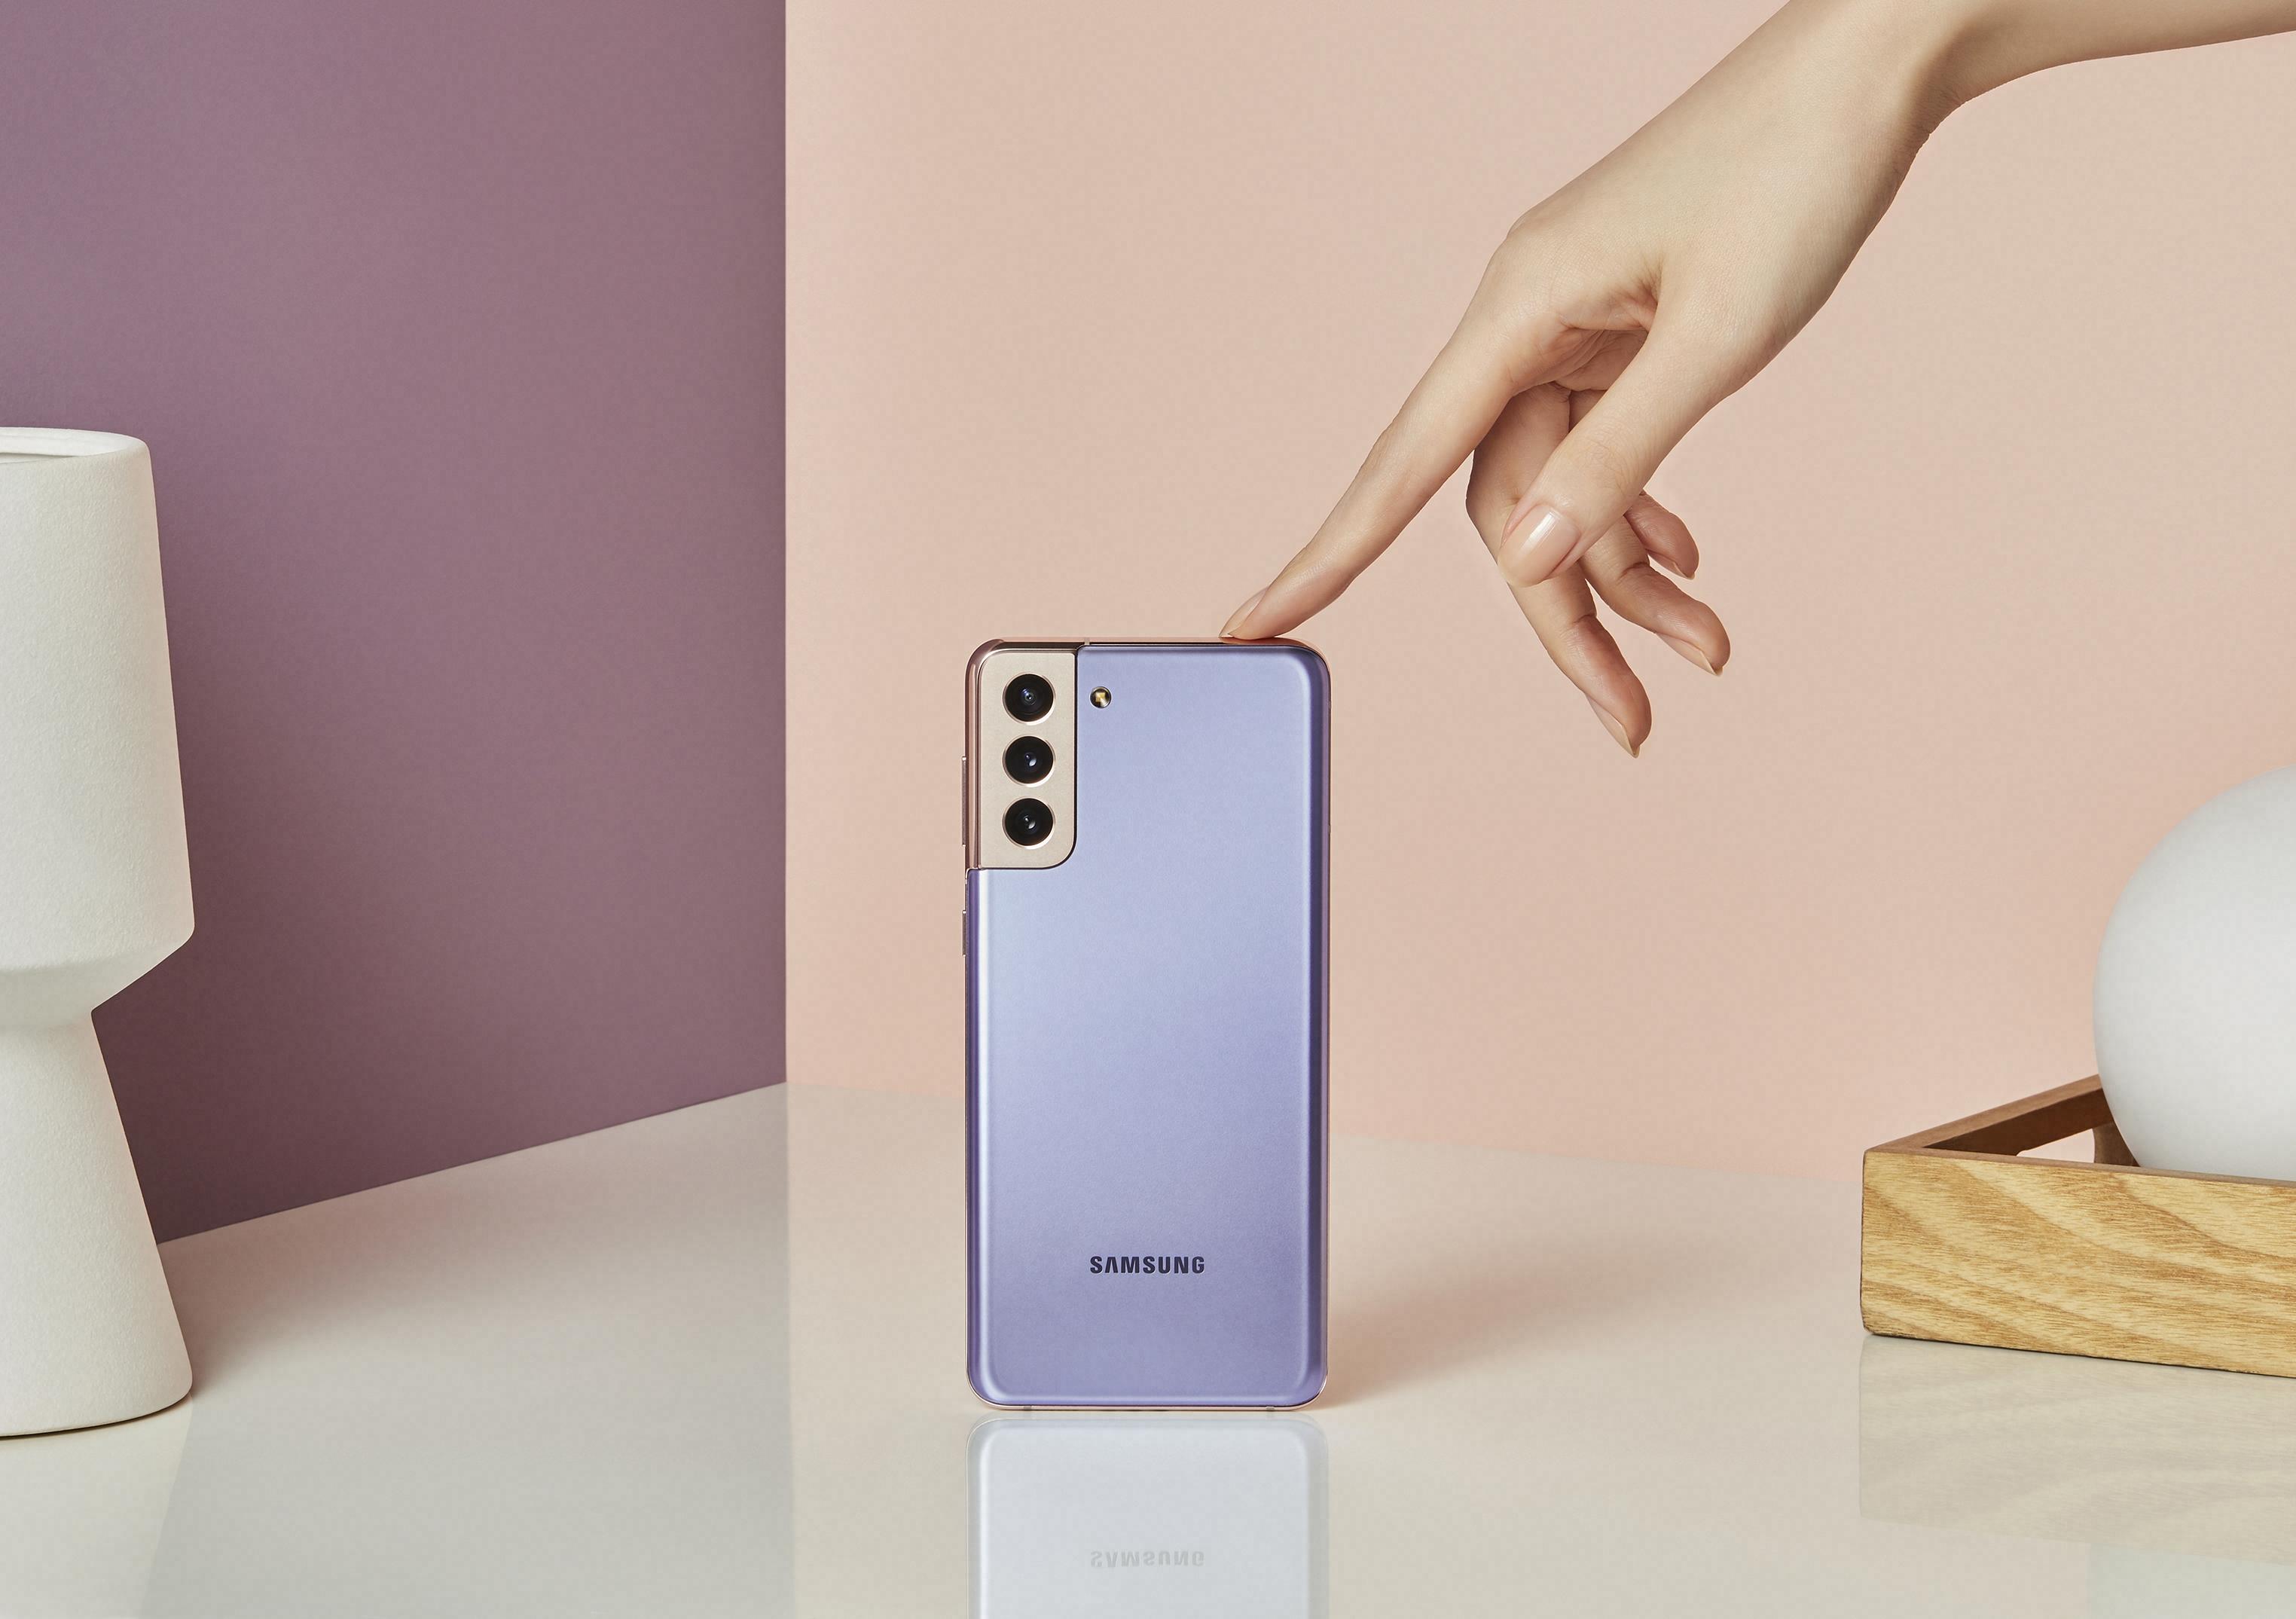 Haz que cada día sea épico con Samsung Galaxy S21 y Galaxy S21+